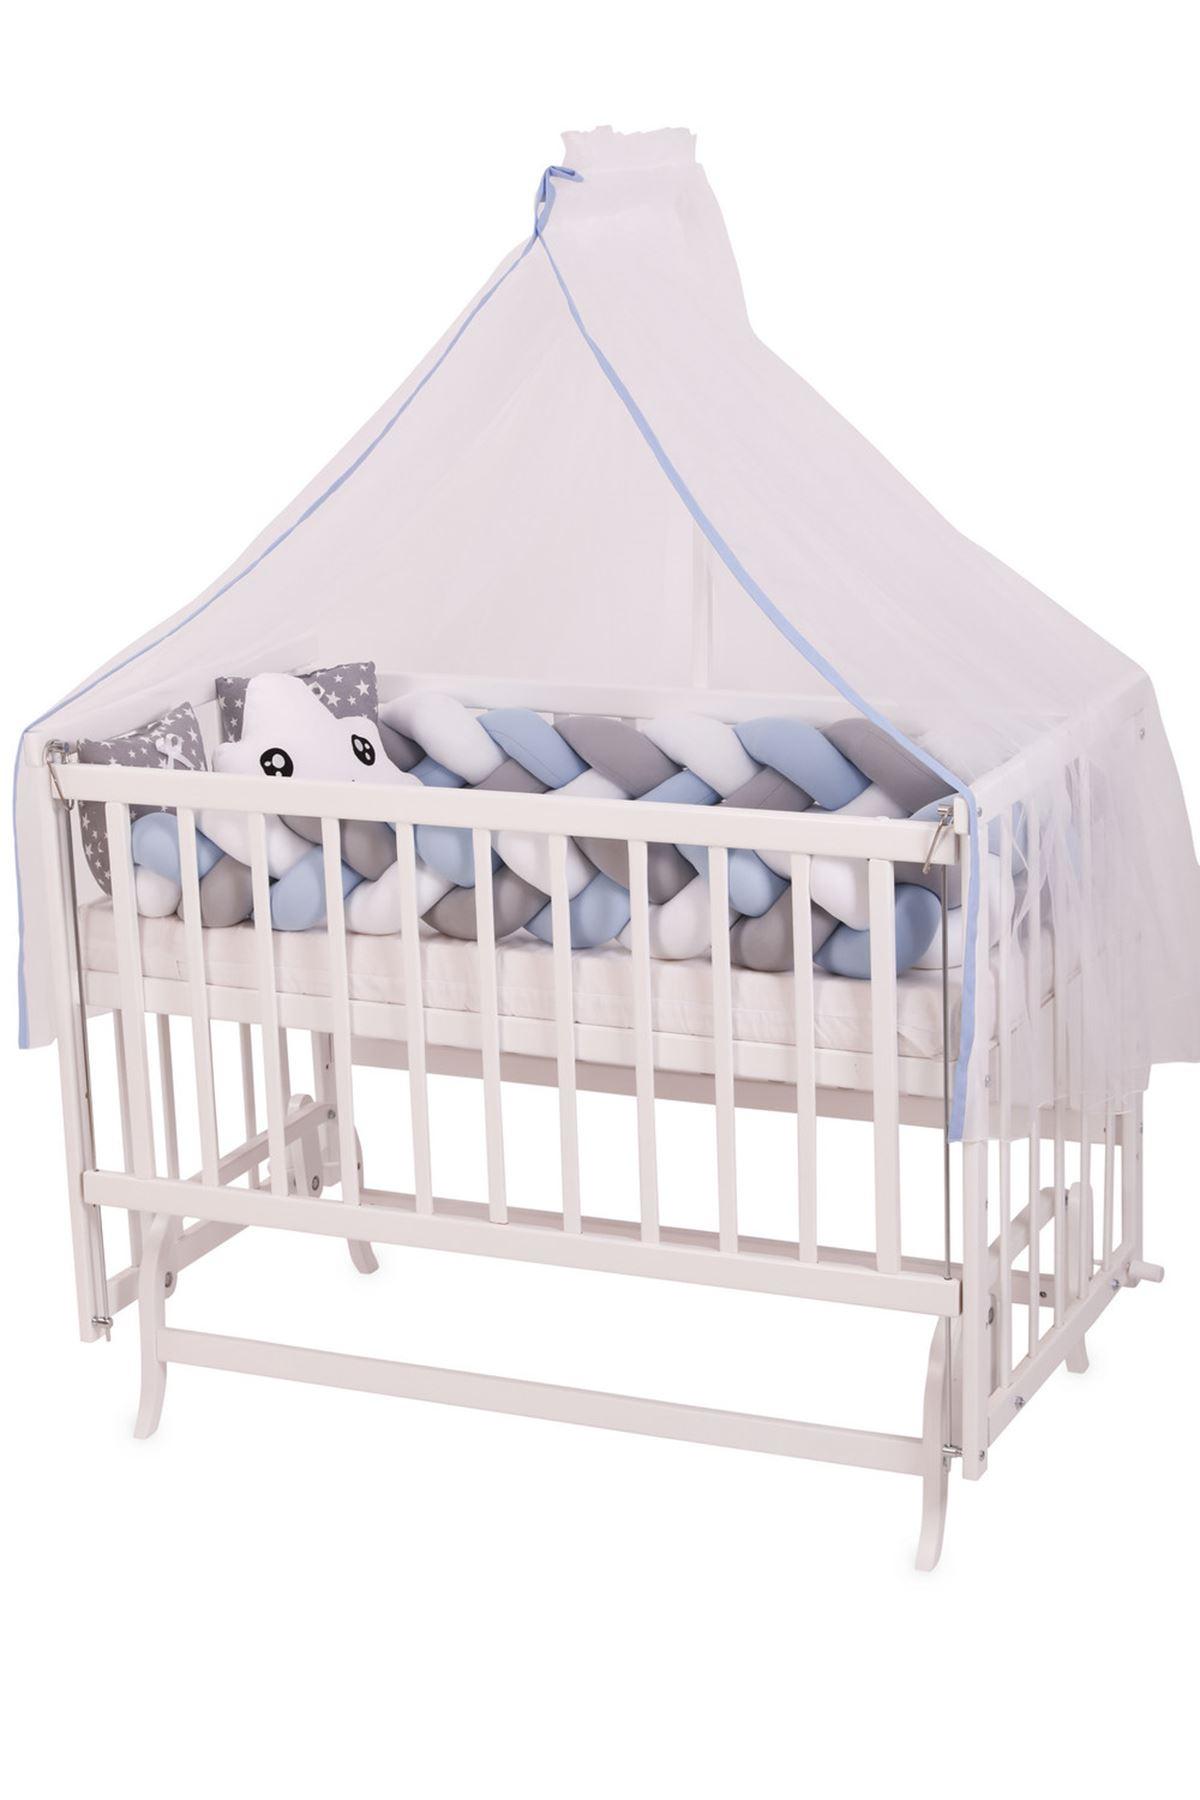 سرير أبيض مستطيل 5 سنوات جدله أزرق دبل